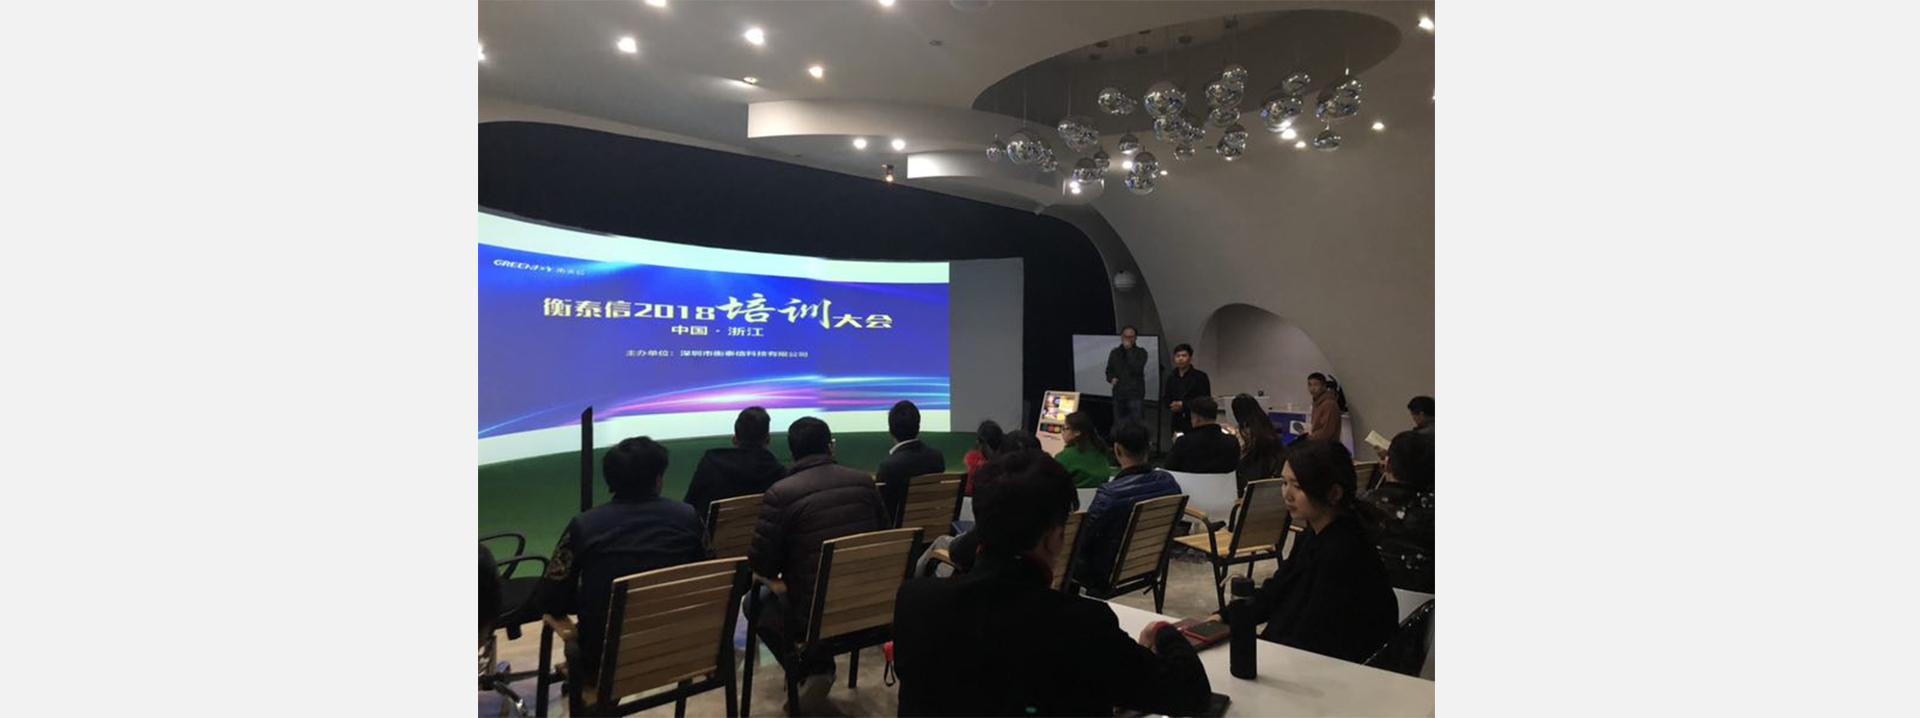 衡泰信室内高尔夫2018经销商培训大会—浙江站3.jpg